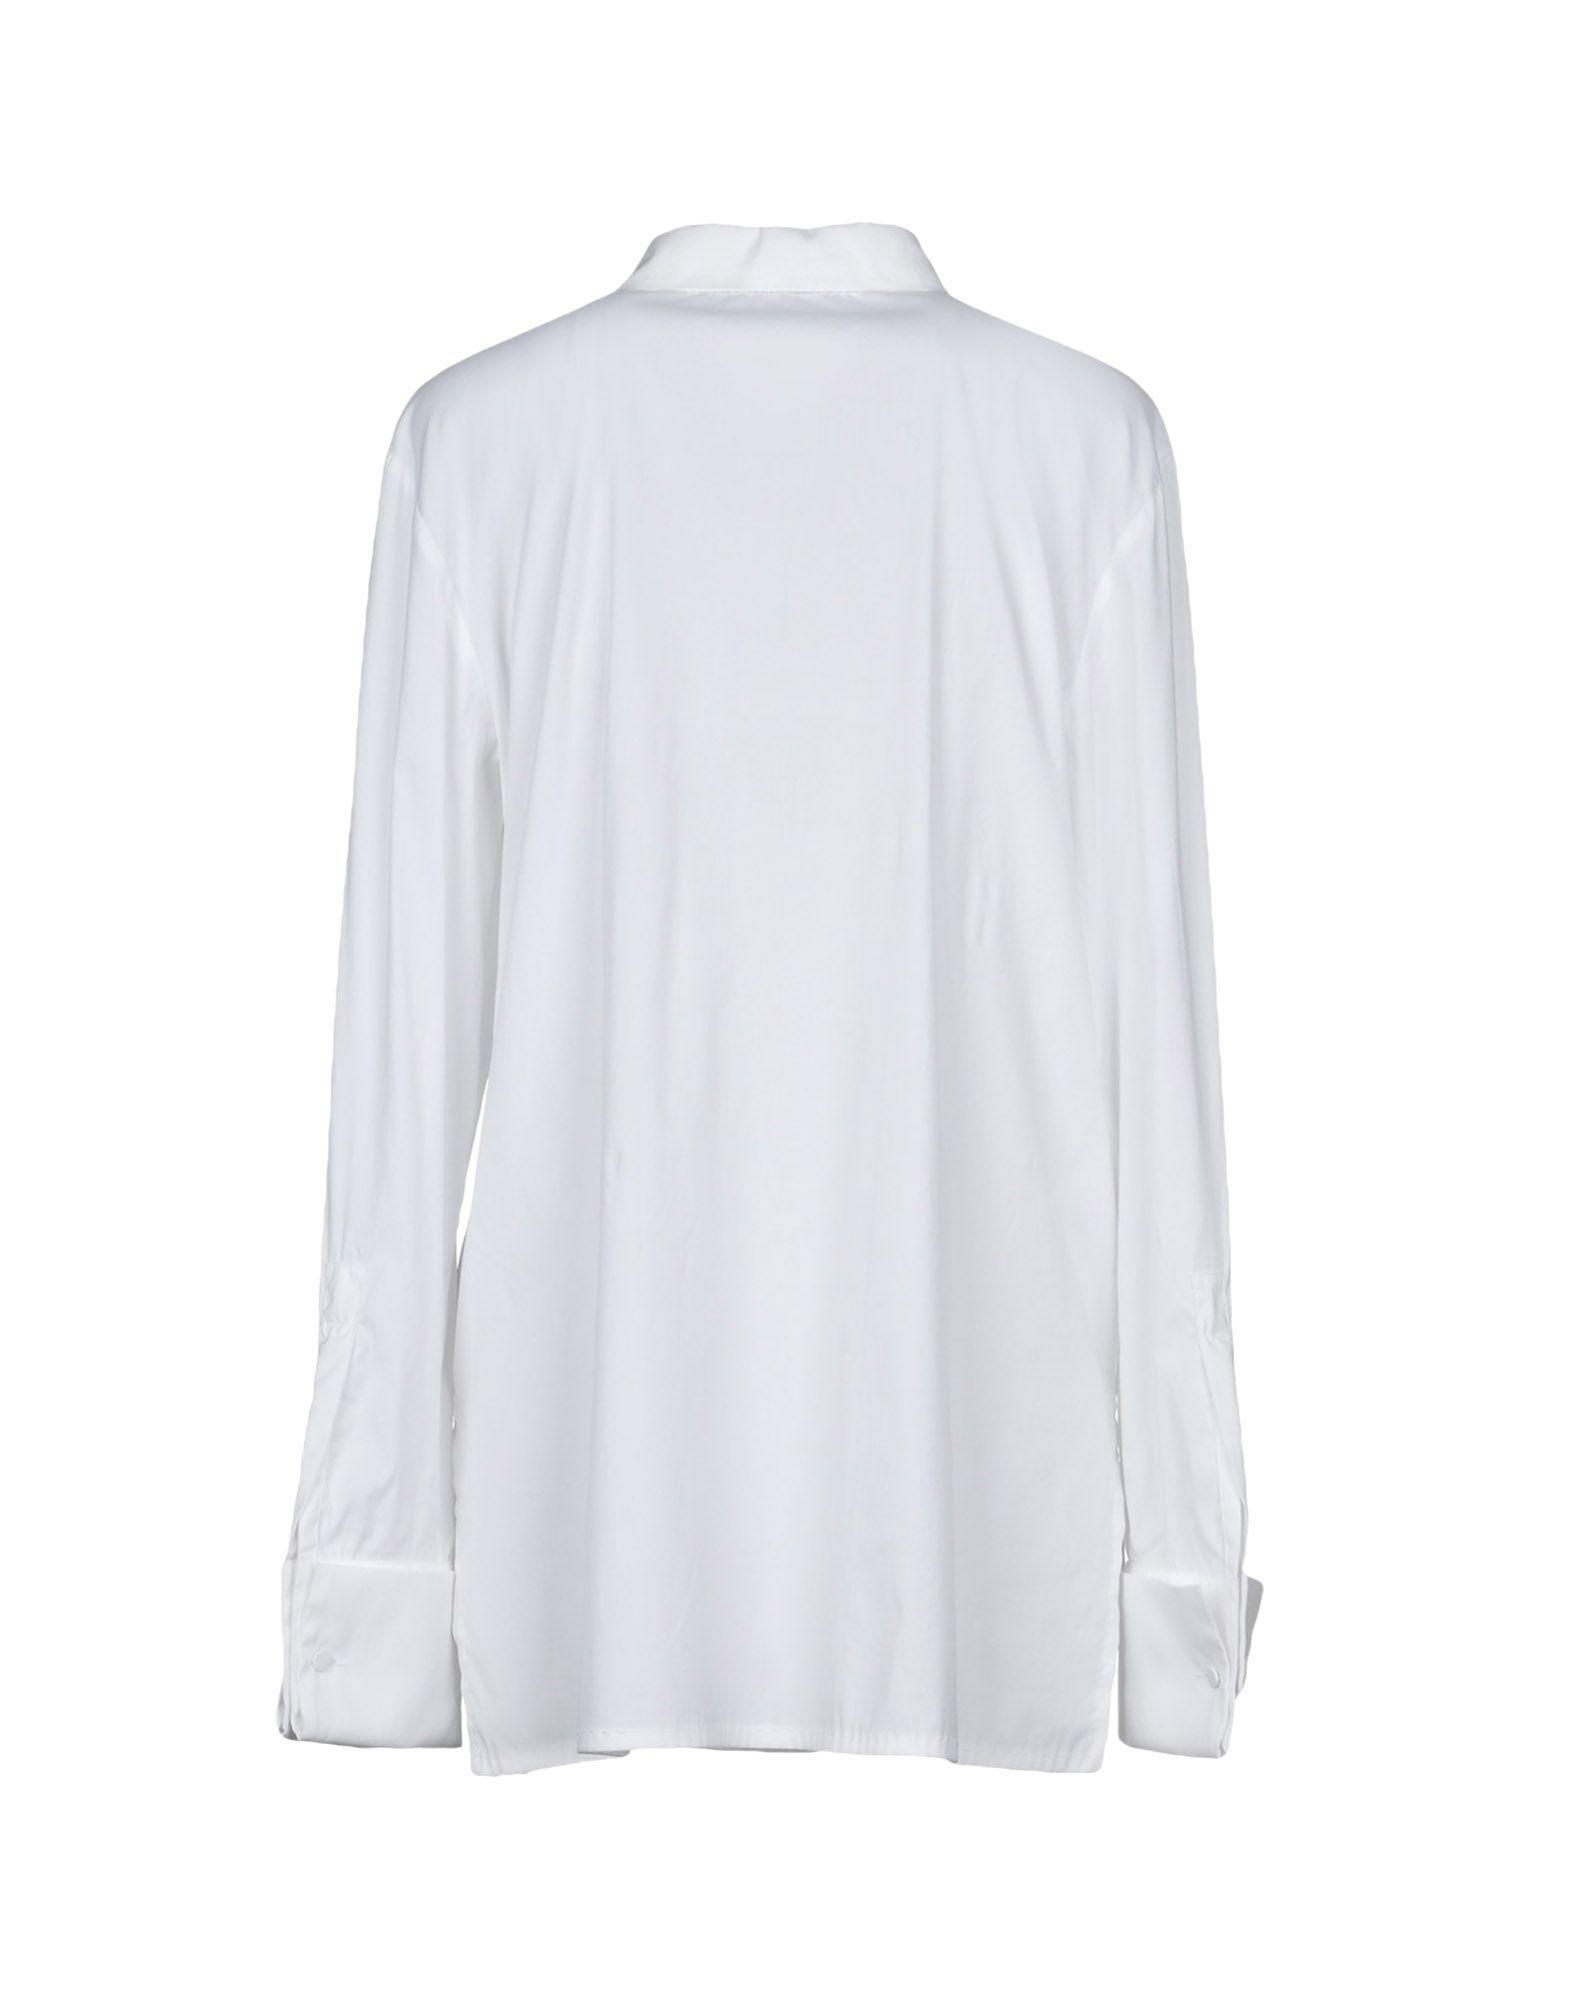 Les Copains White Cotton Poplin Shirt